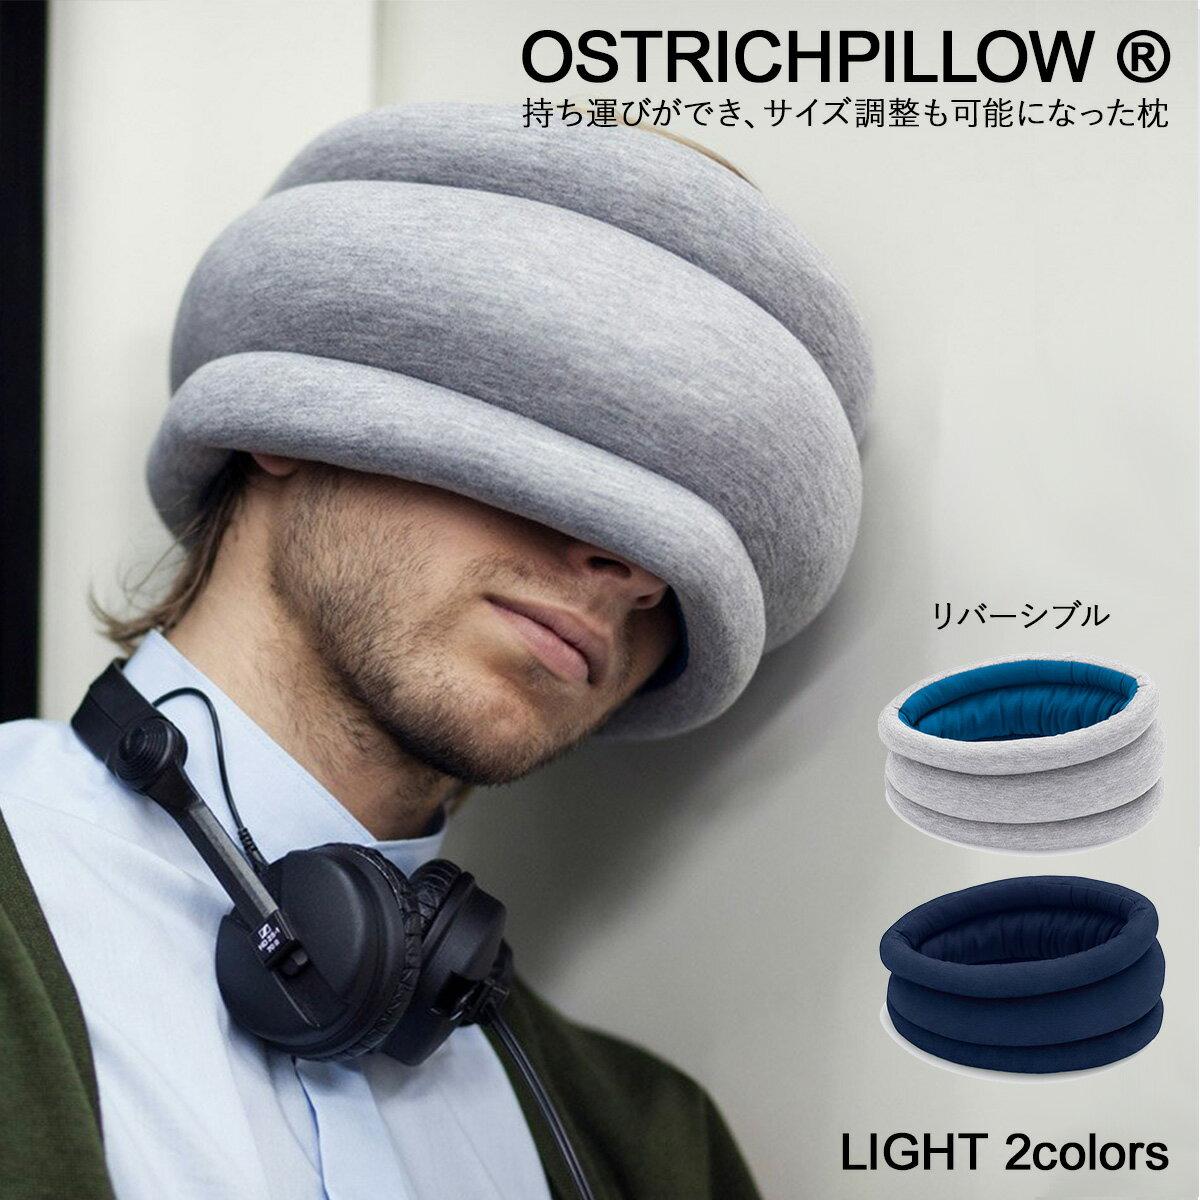 オーストリッチピロー ライト OSTRICH PILLOW LIGHT 枕 うつぶせ まくら オーストリッチ 寝具グッズ グレー ネイビー